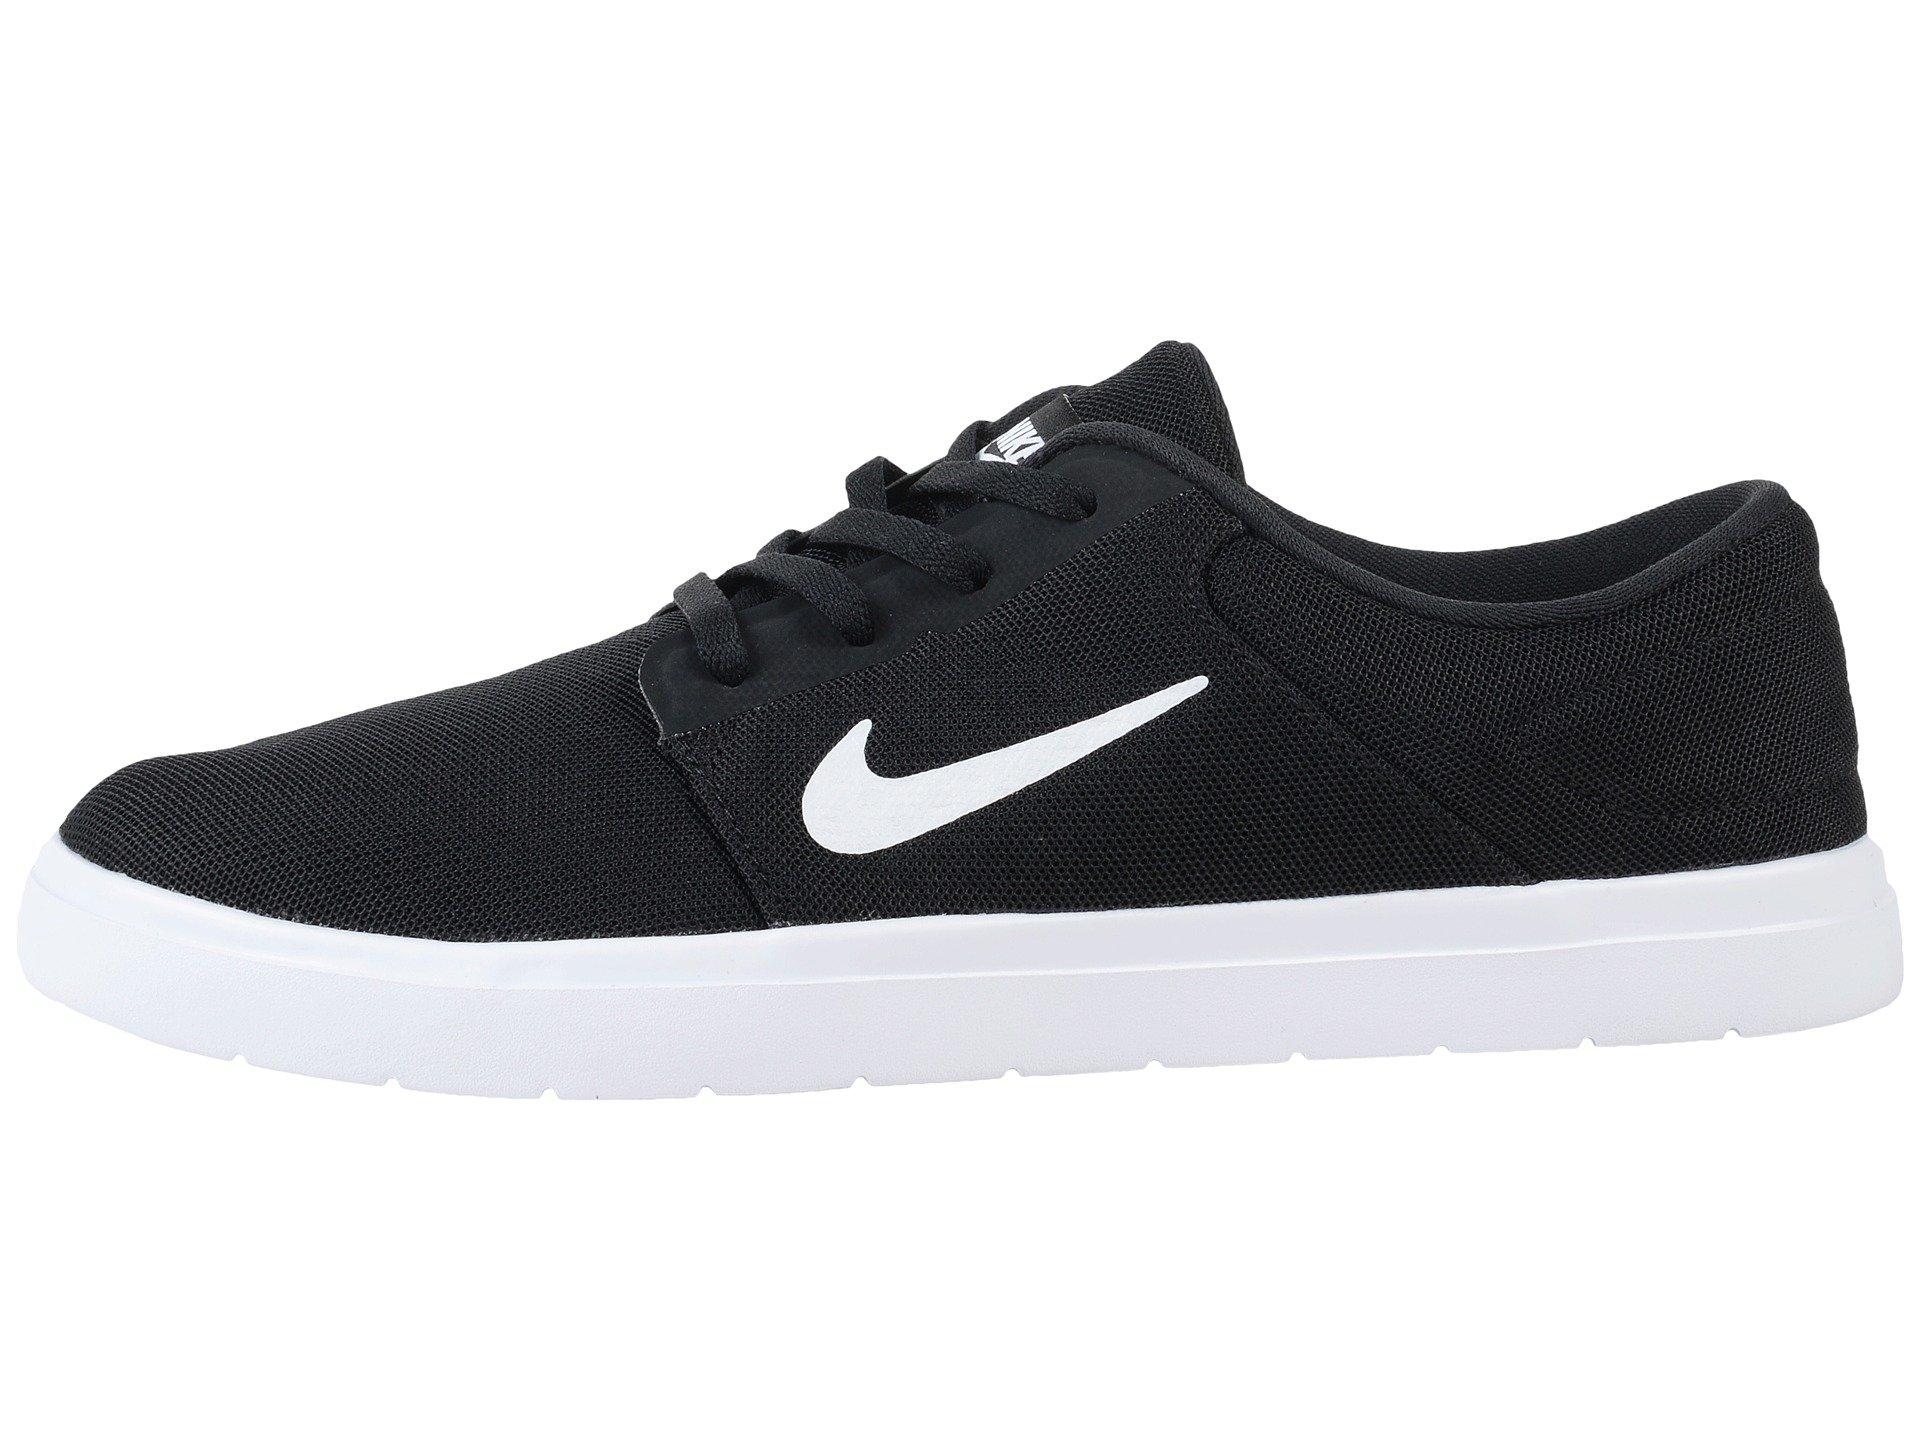 Nike Sb Portmore Ultralight Mesh Shoes Amazon